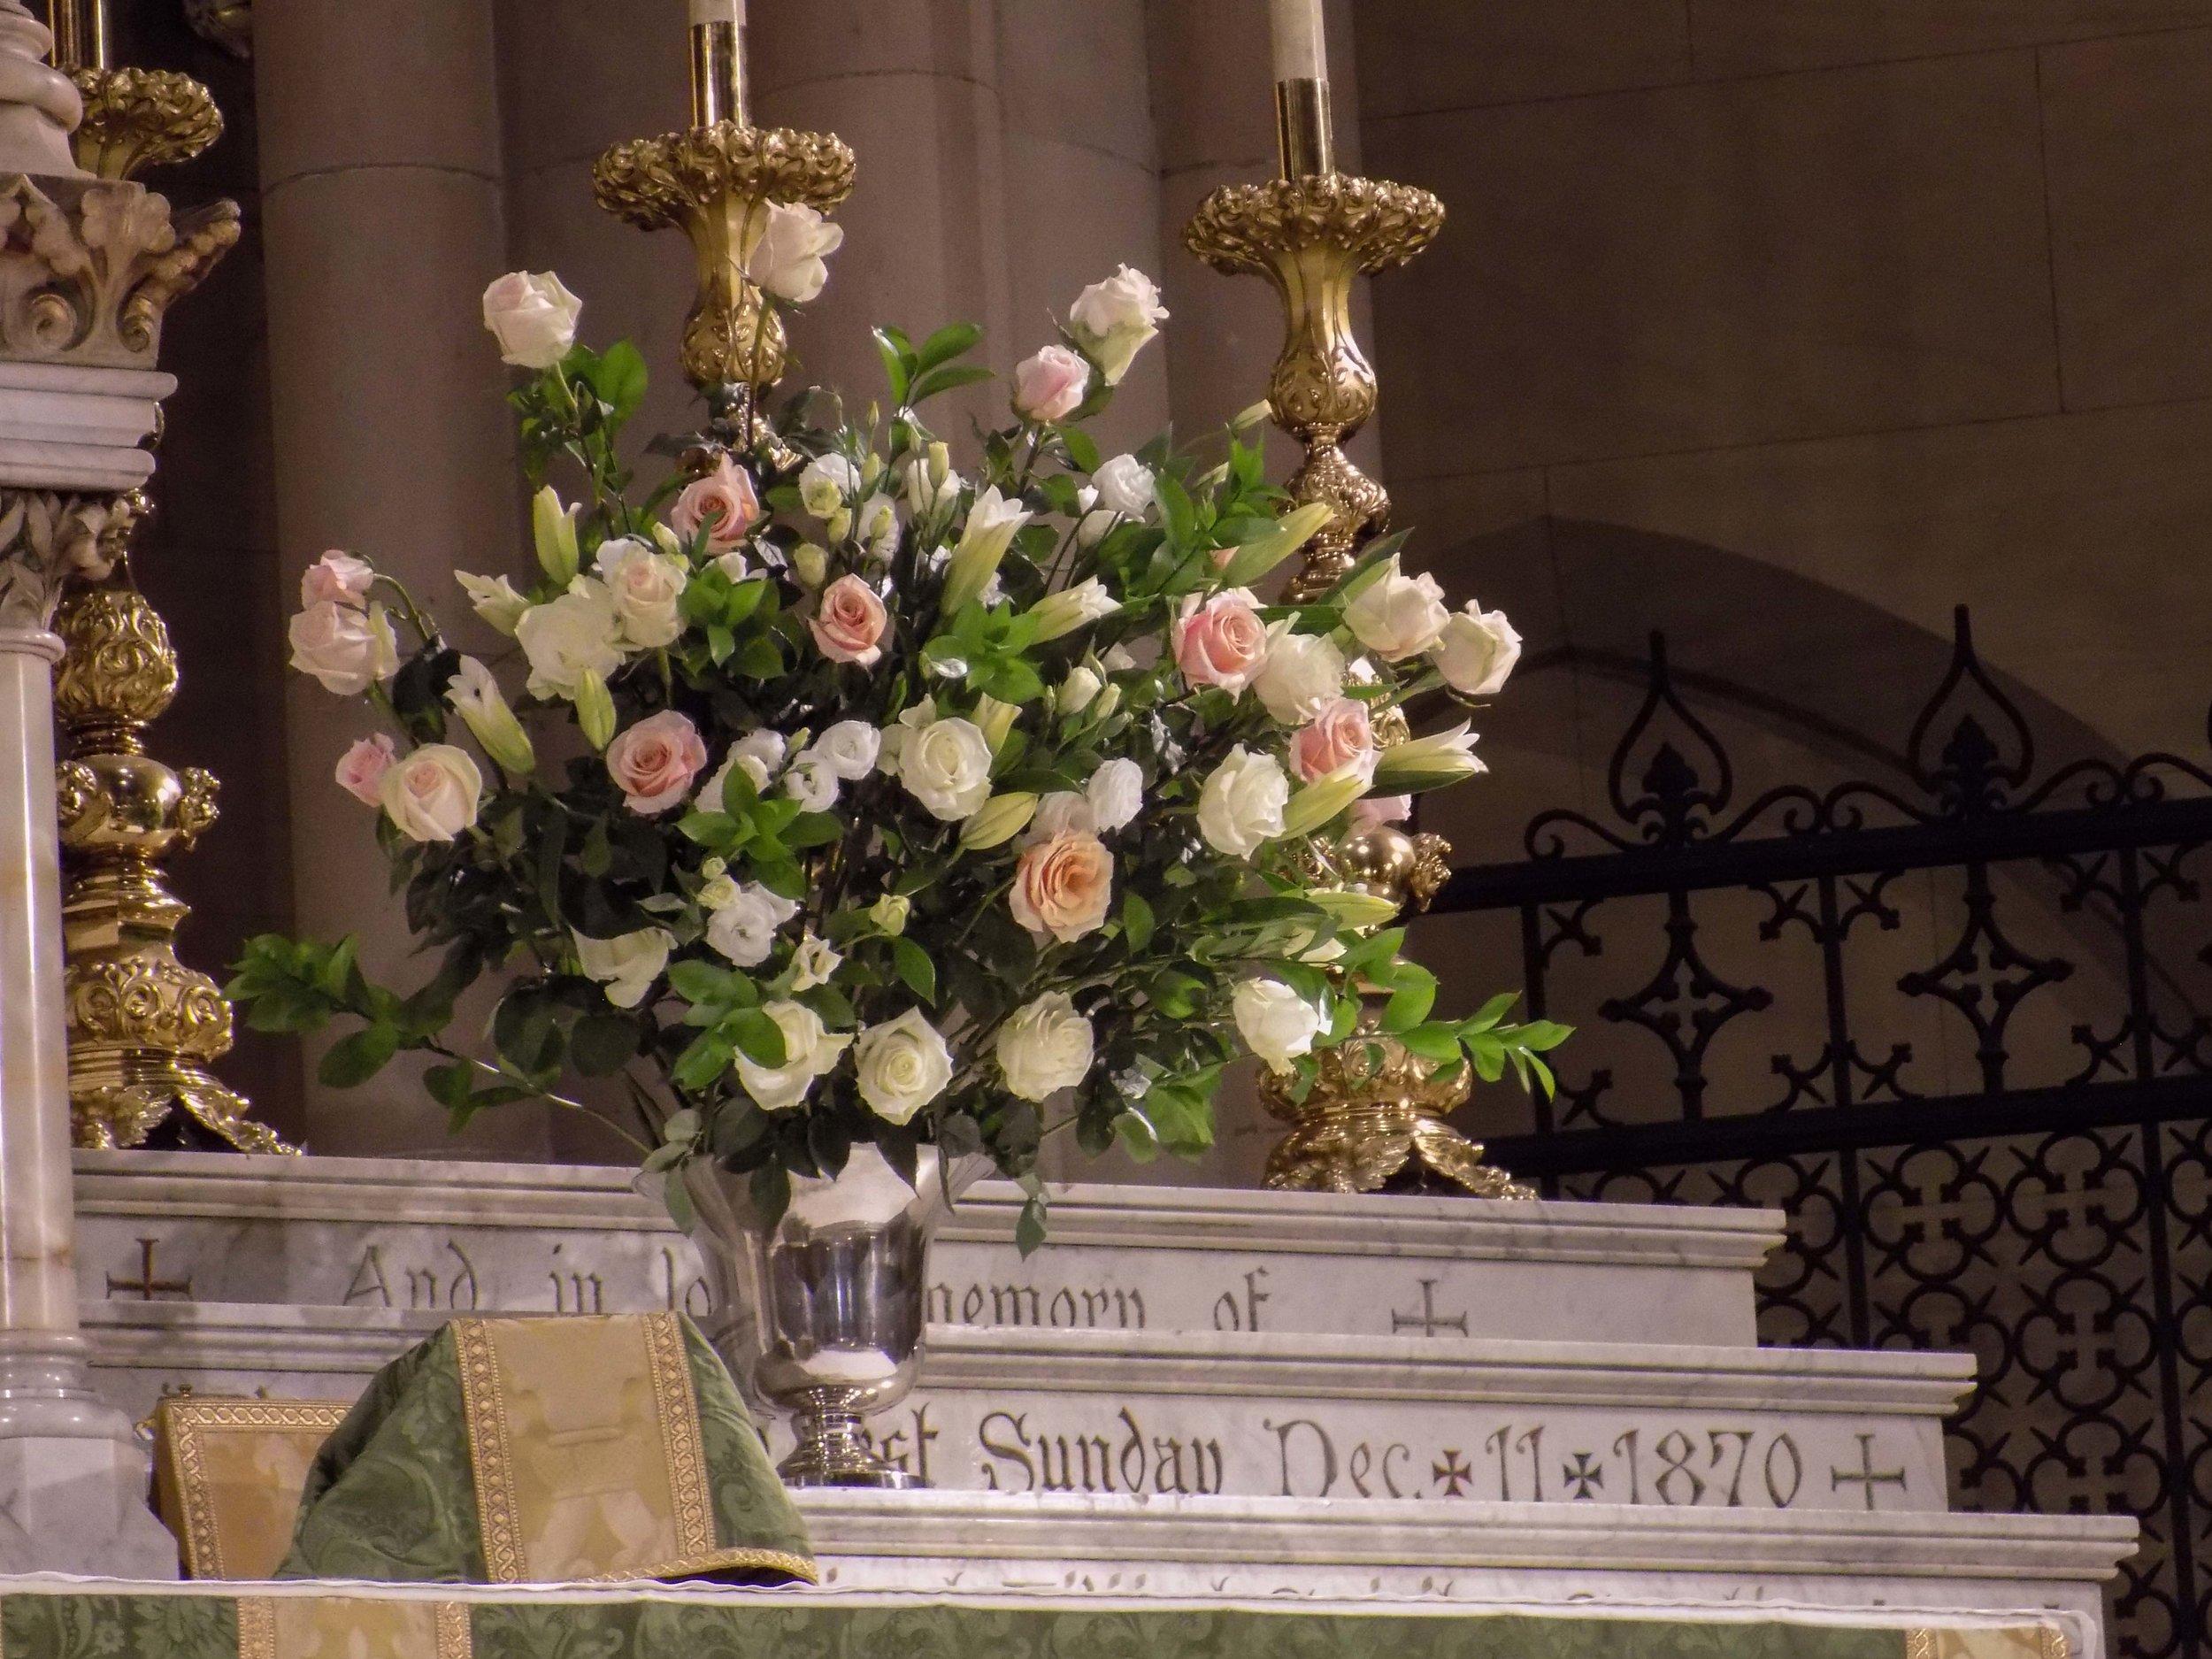 The high altar flowers on Sunday.